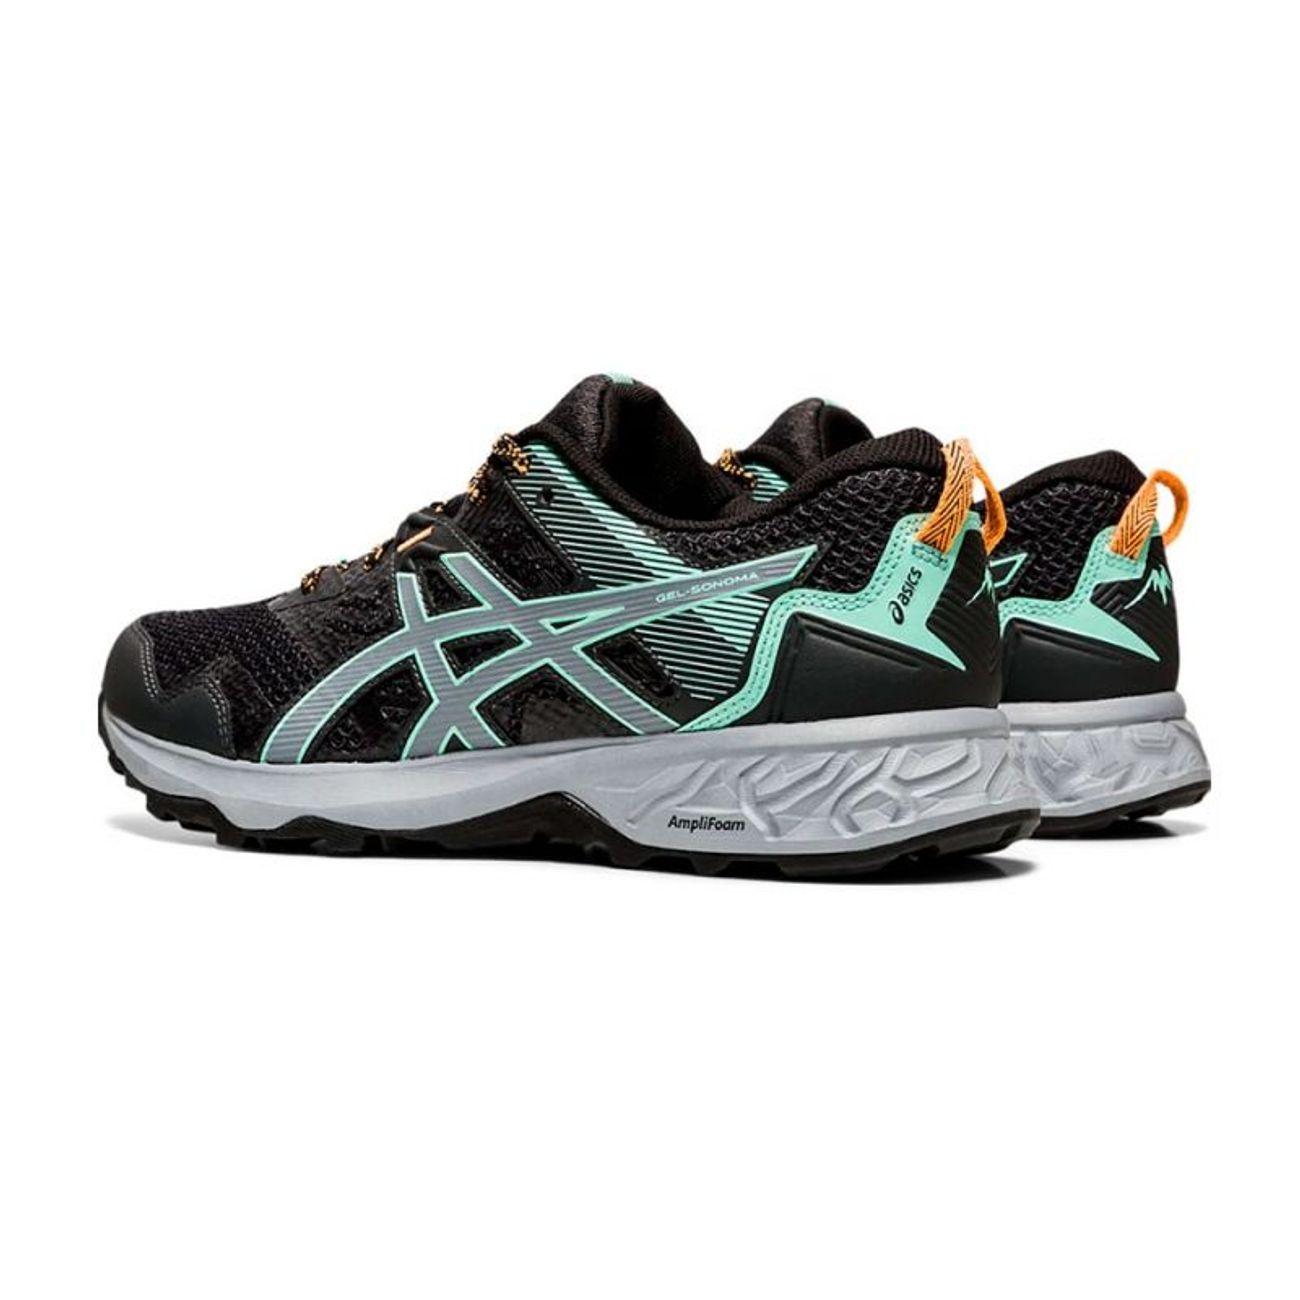 quality products many fashionable 2018 shoes qualité la meilleure façon de asics gel sonoma baskets running ...